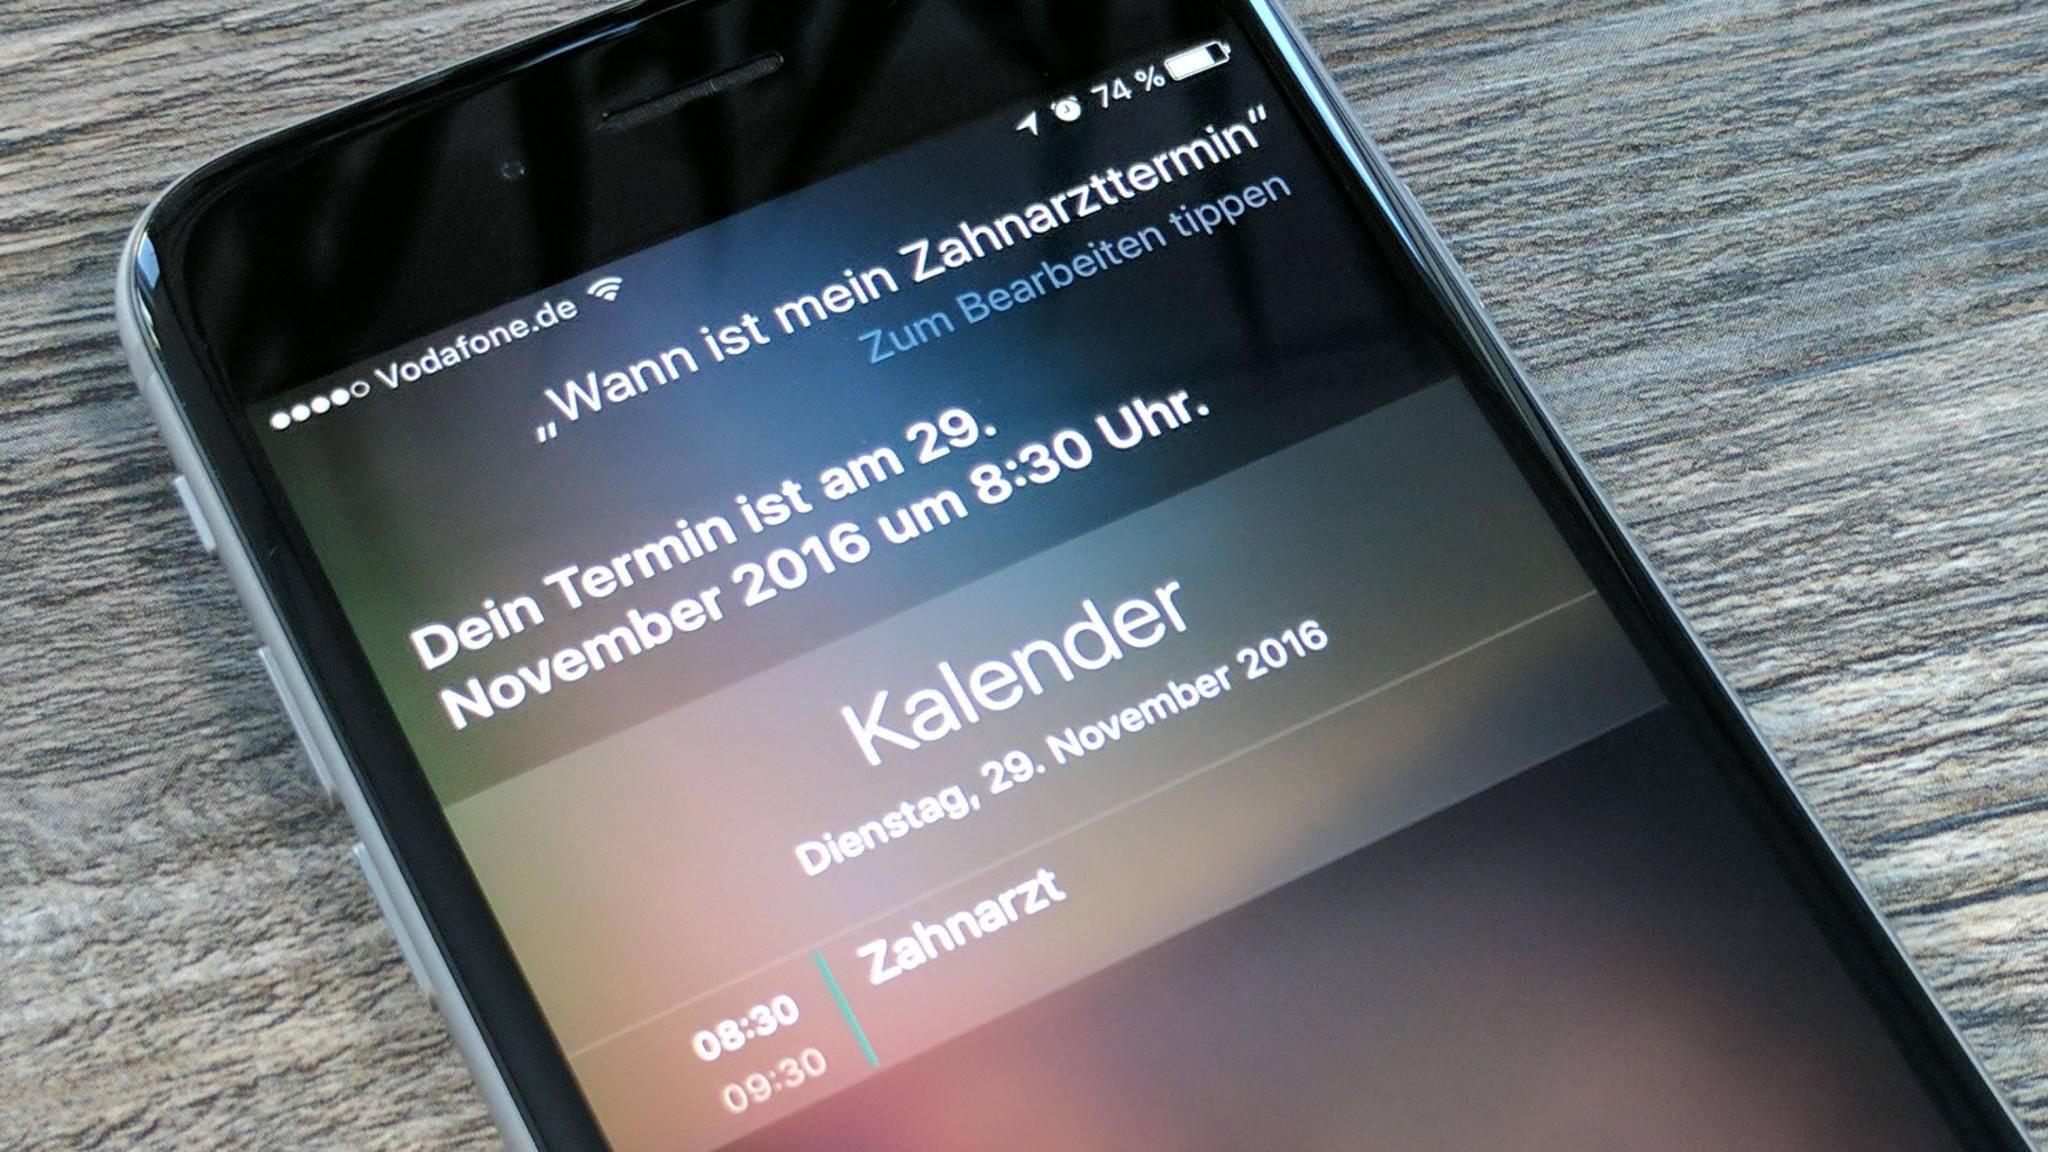 Will Apple das Know-how von Lattice Data nutzen, um Siri zu verbessern?